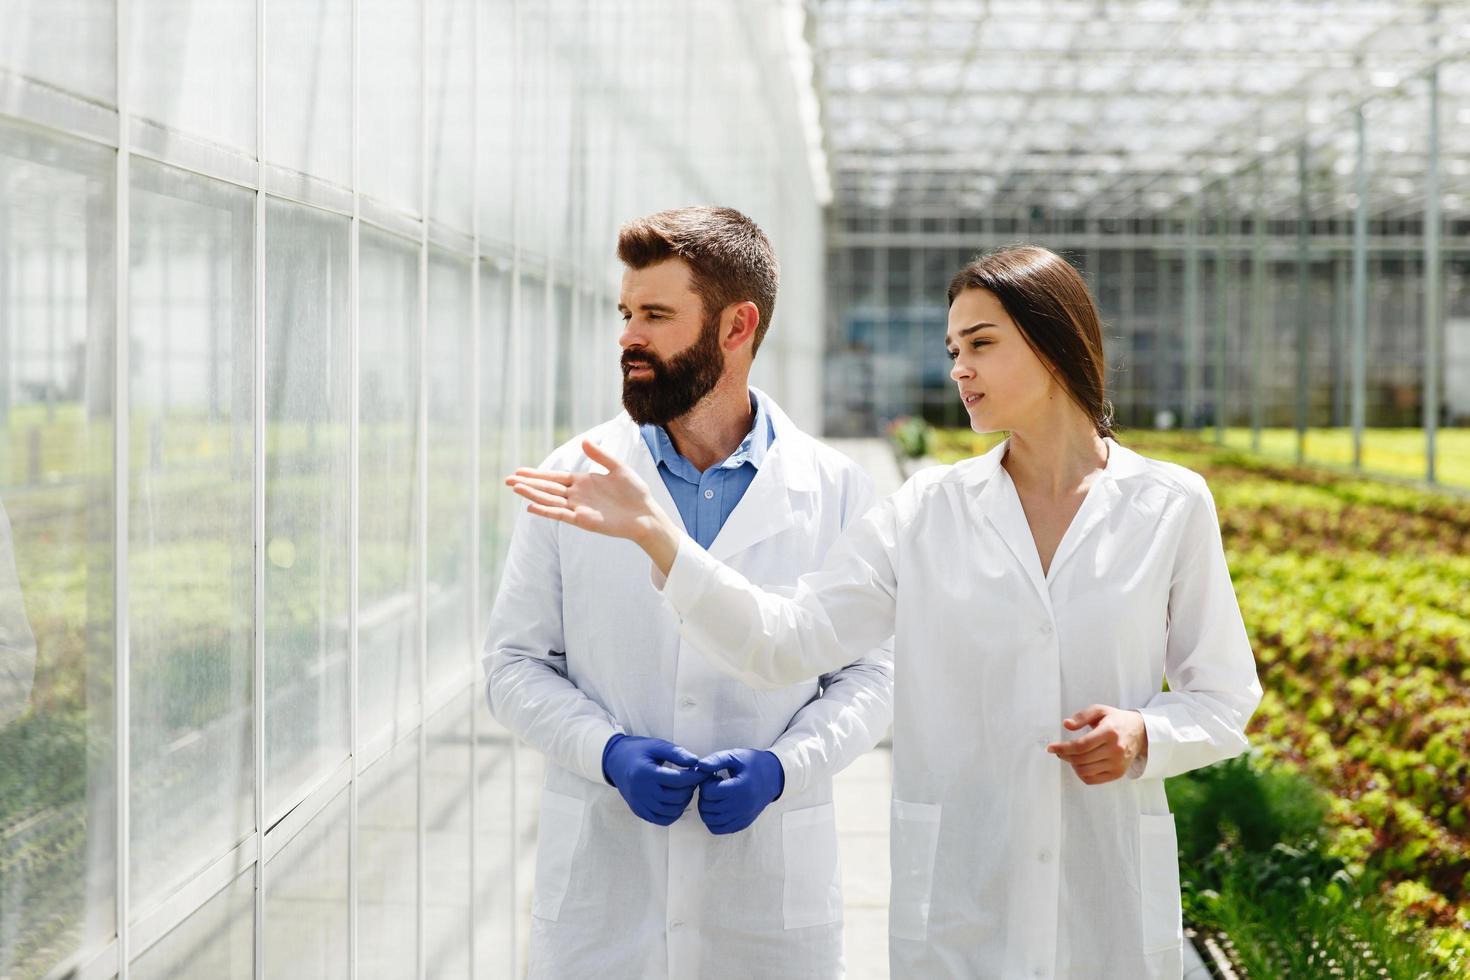 två forskare i laboratoriekläder går runt växthuset foto